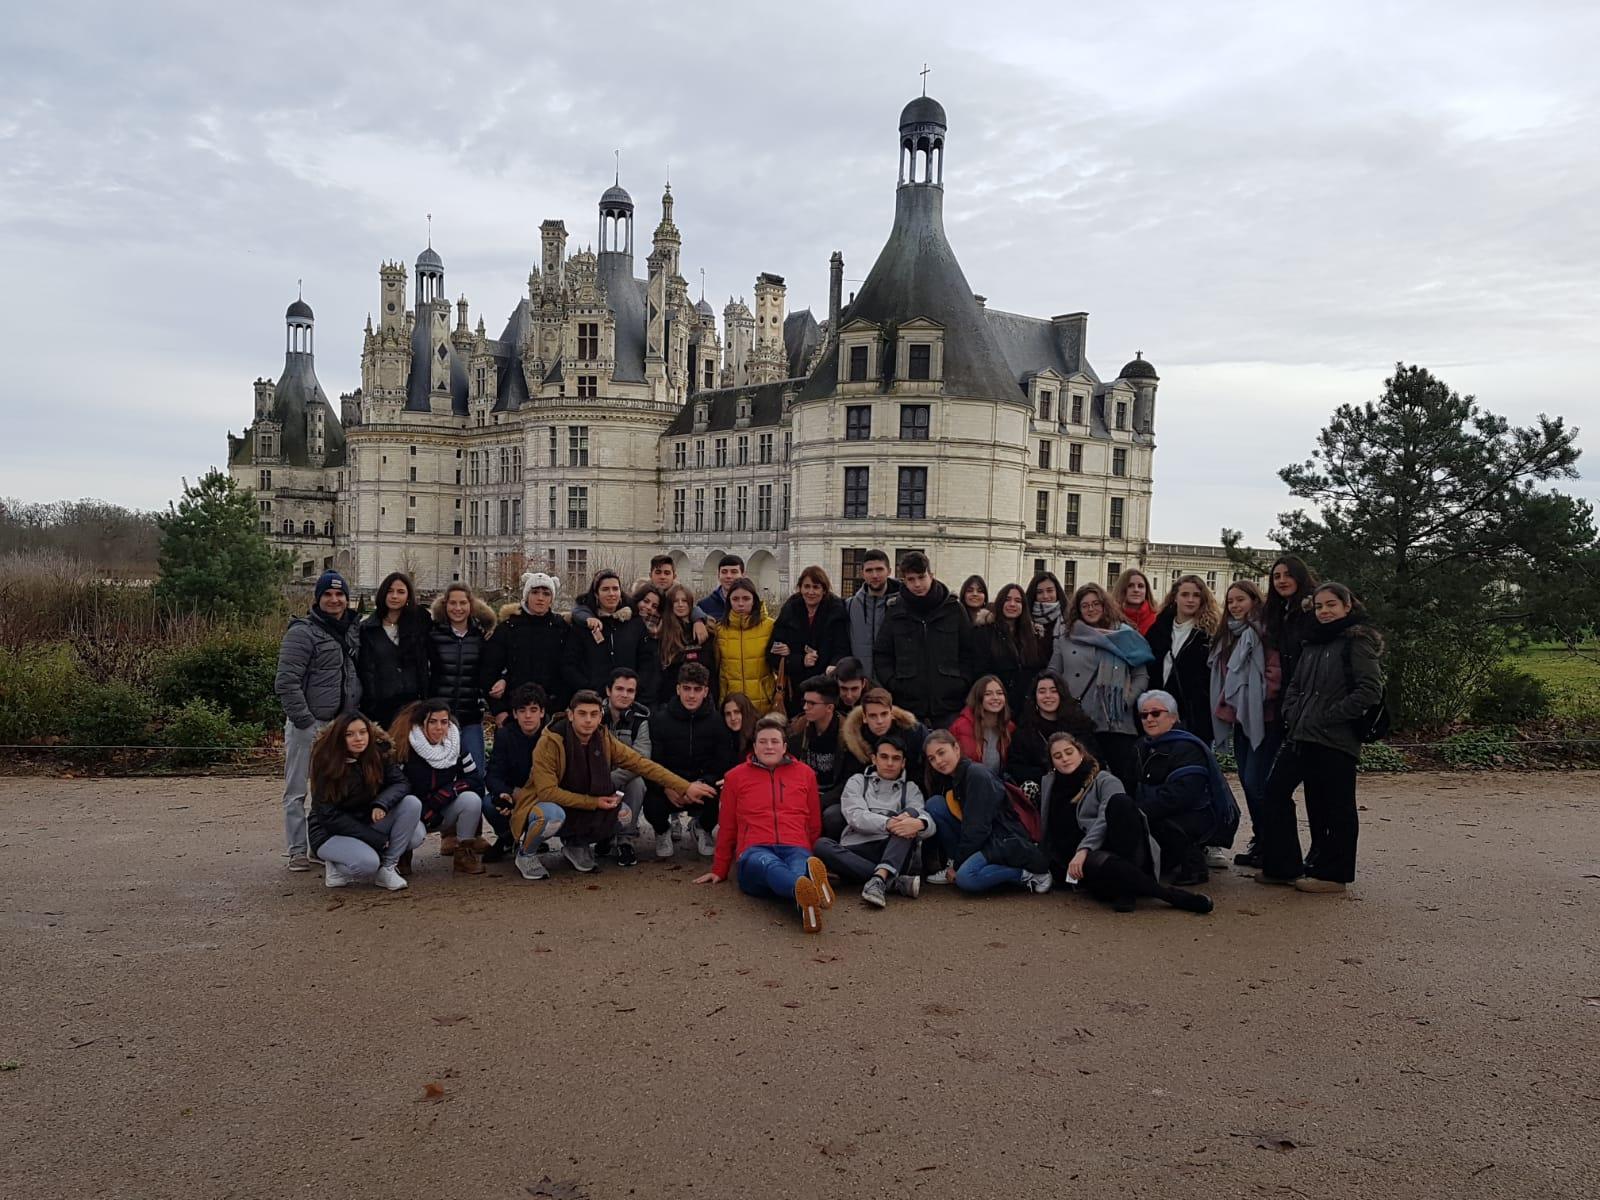 Última parada para los alumnos de 2º bachillerato del Colegio Blanca de Castilla, Burdeos